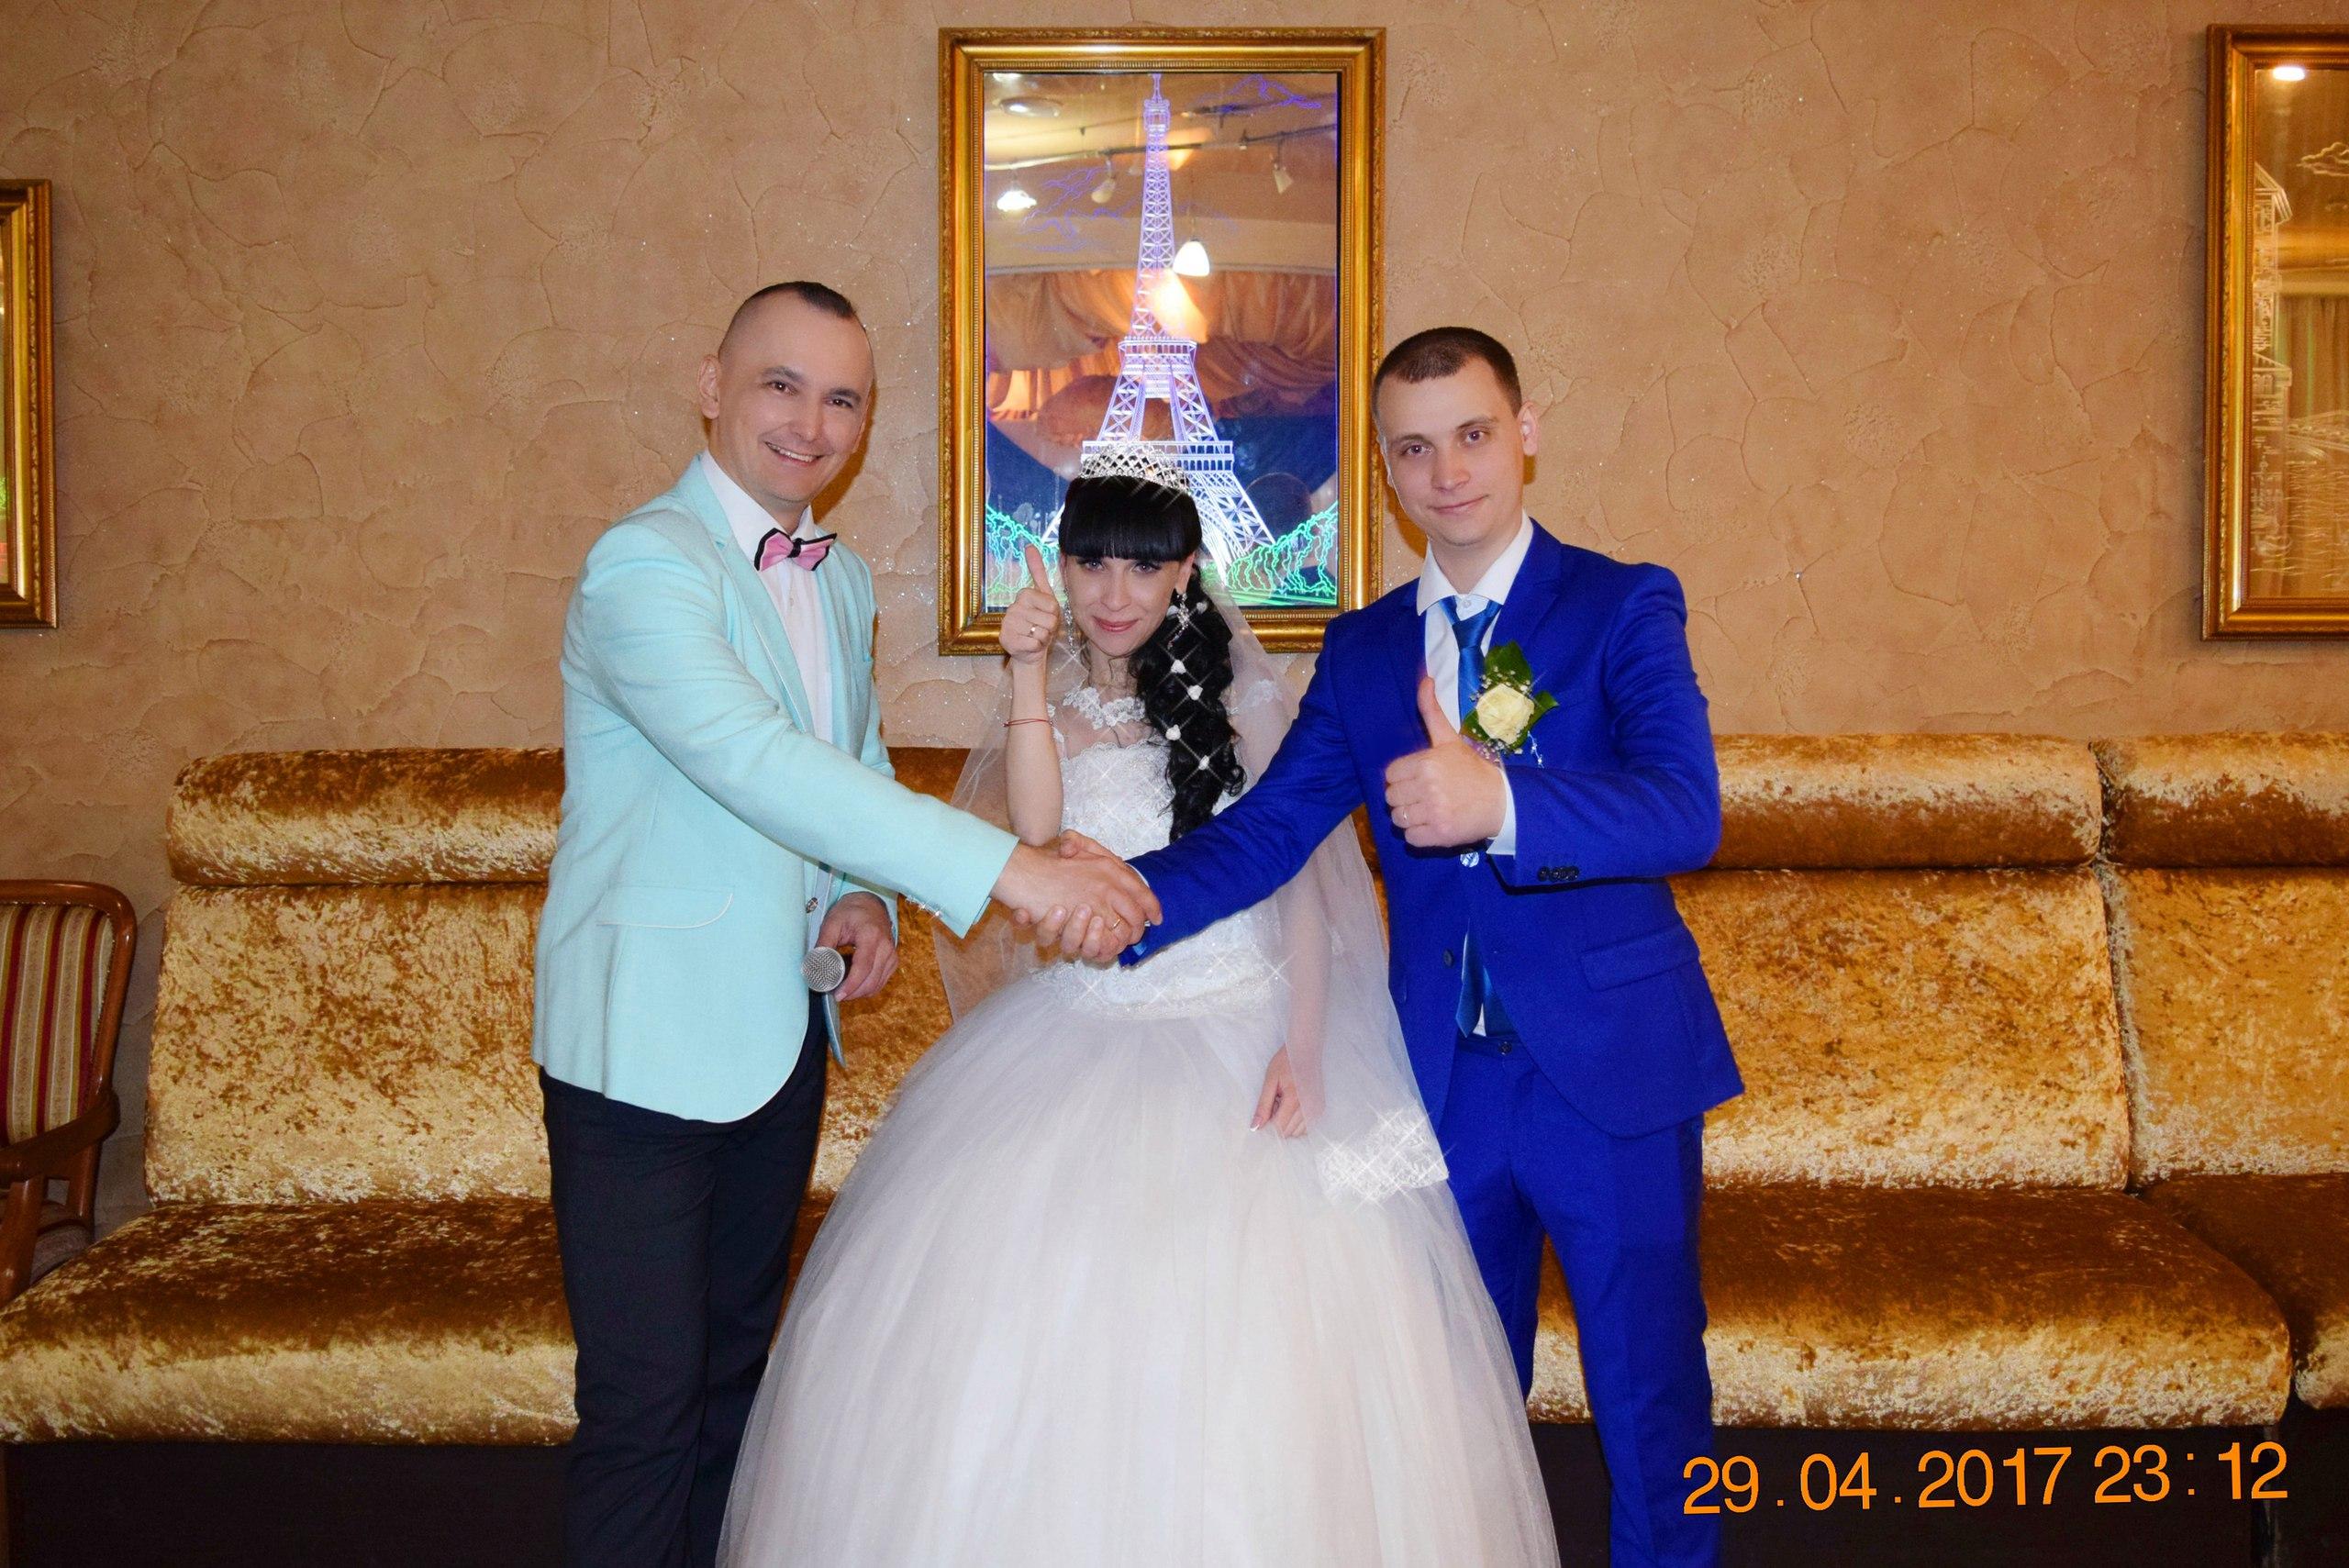 29 апреля 2017 г. Волгоград. ресторан Европа. Проведение свадебного торжества Виталия и Александры. Пусть все Ваши мечты сбываются! Будьте счастливы!